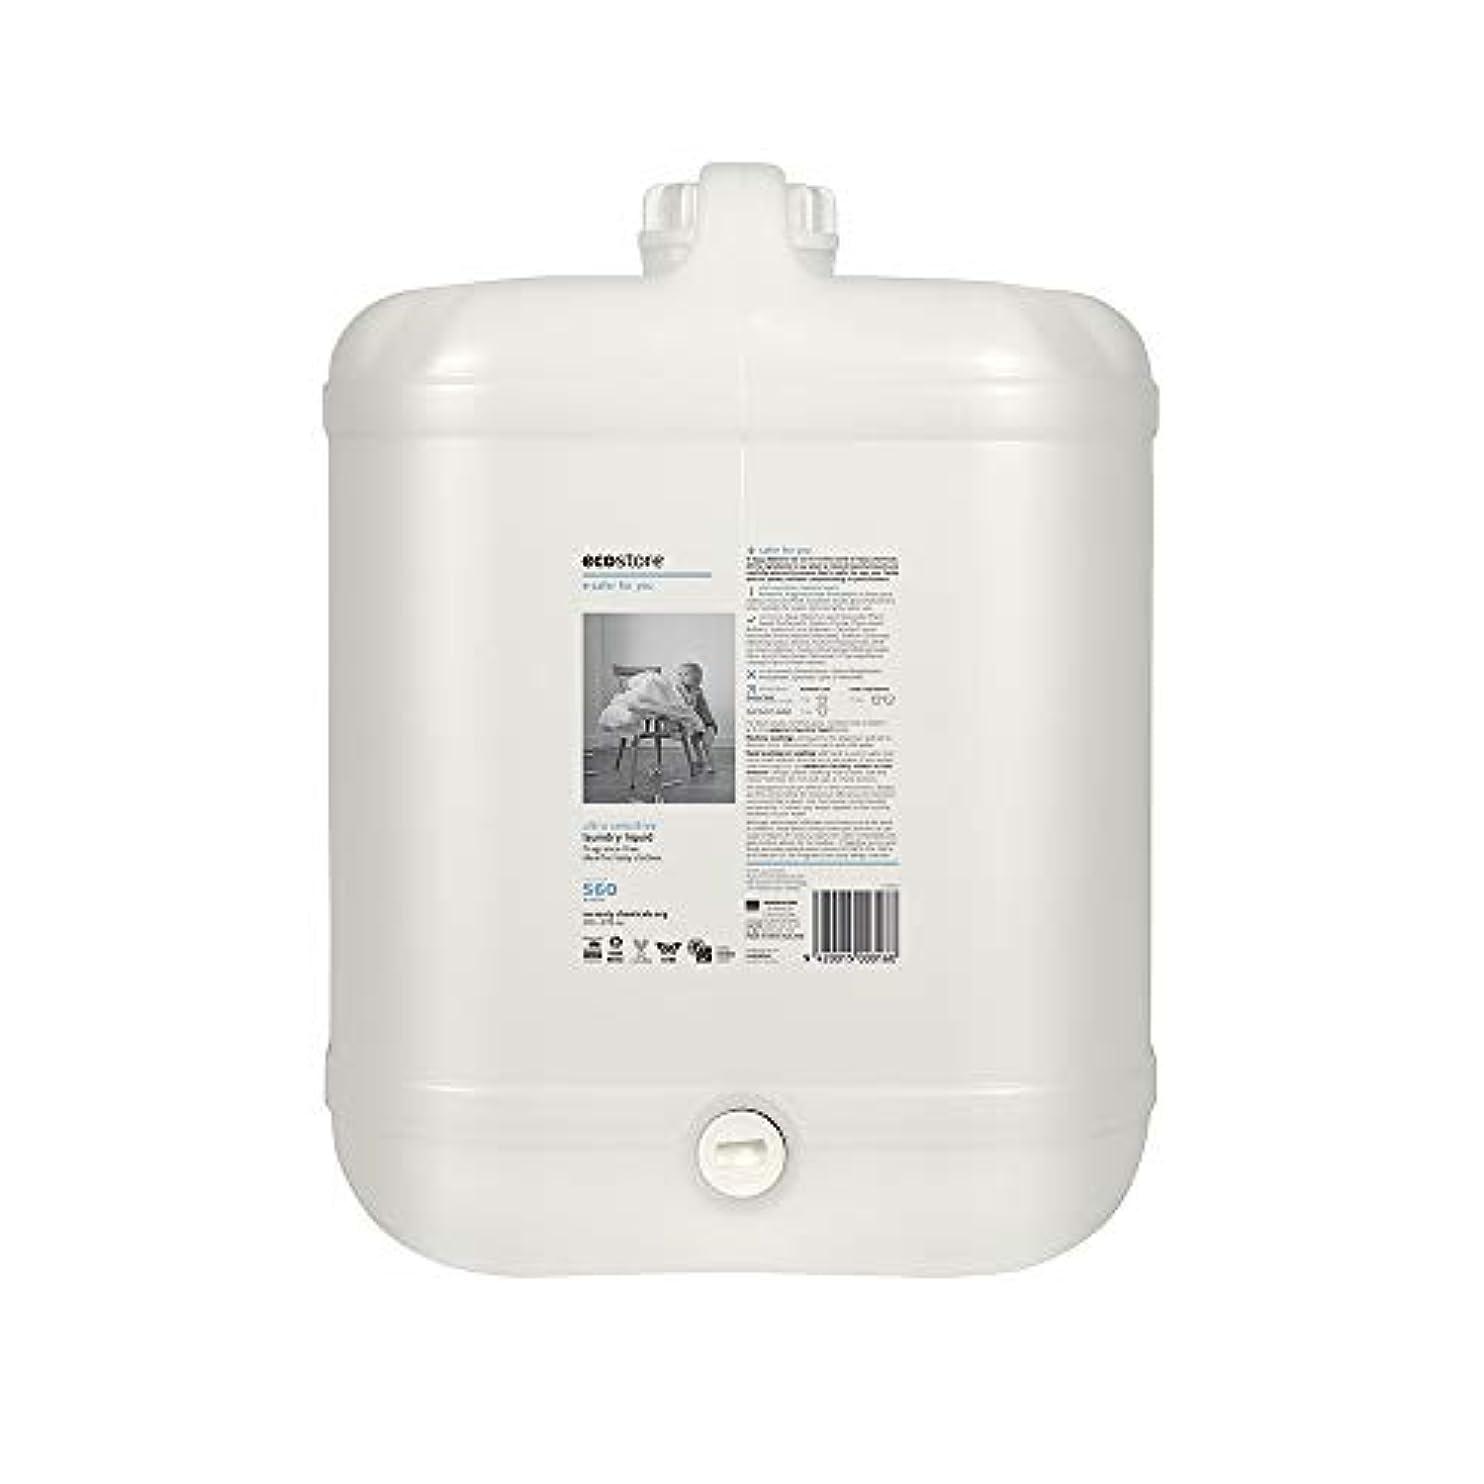 差し引く踏み台石膏ecostore(エコストア) ランドリーリキッド <無香料> バルク 20L